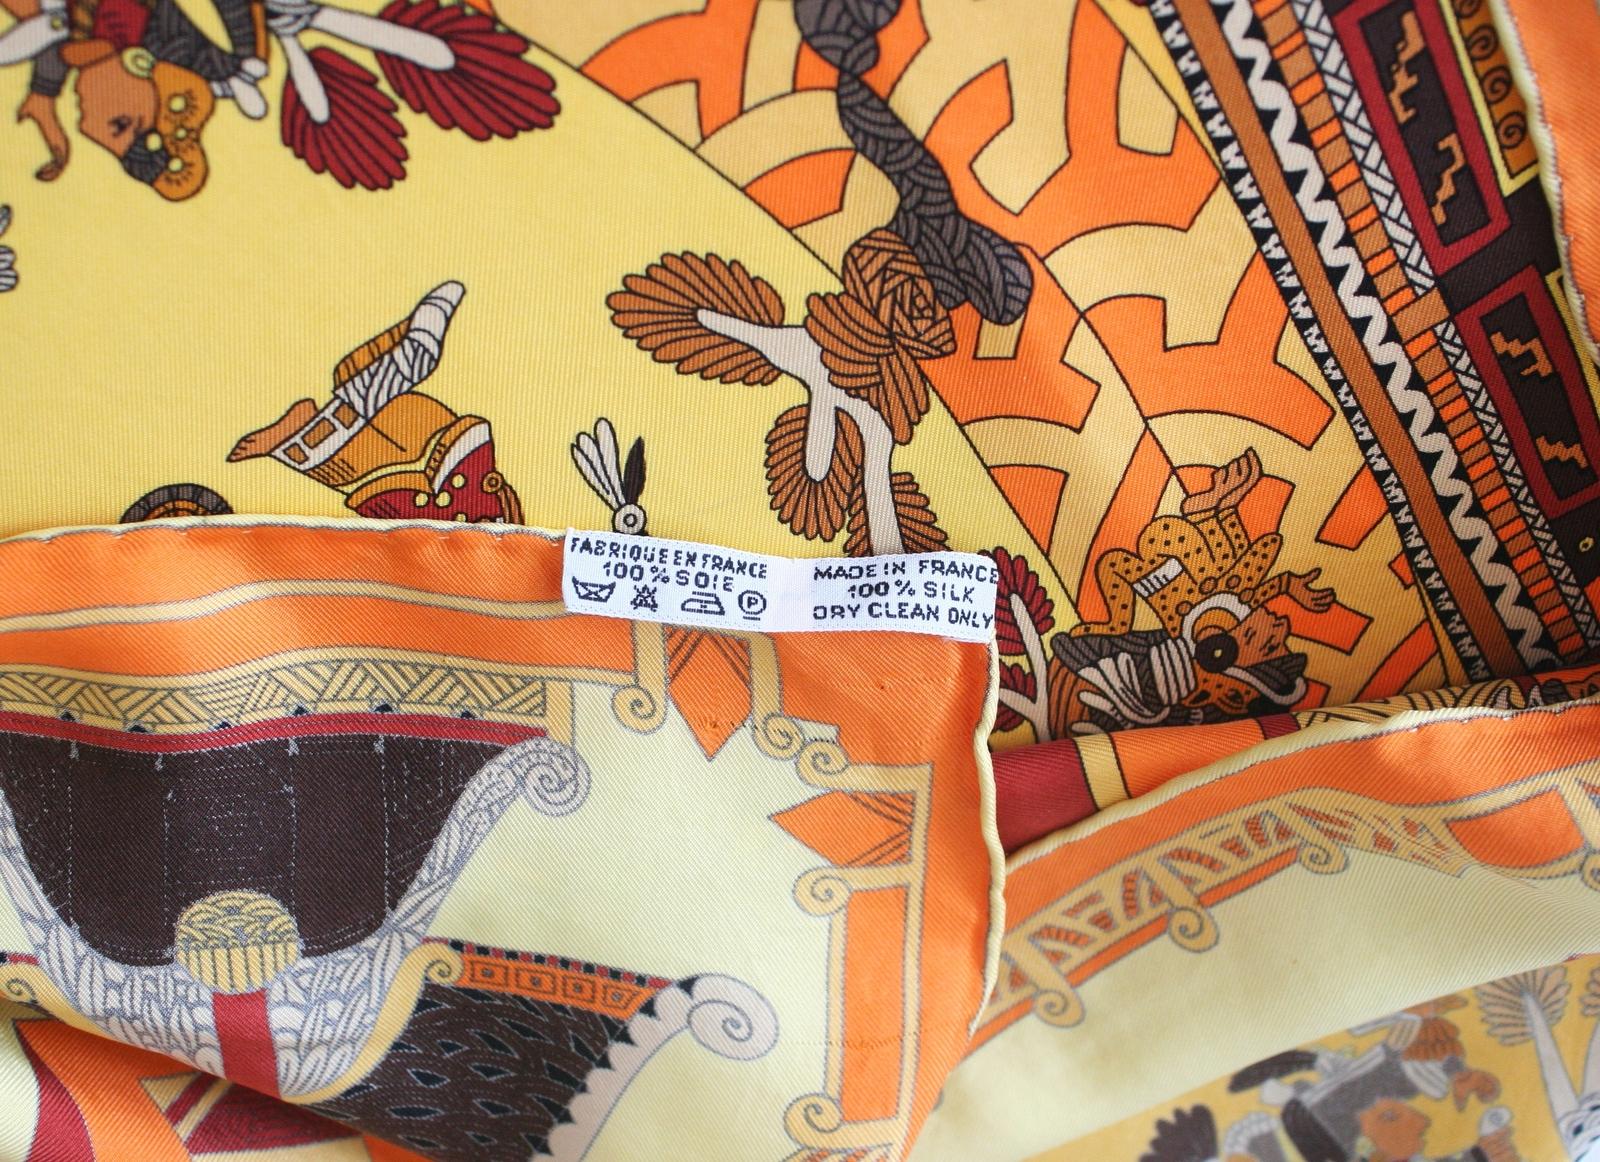 Hermes astres et soleils scarf